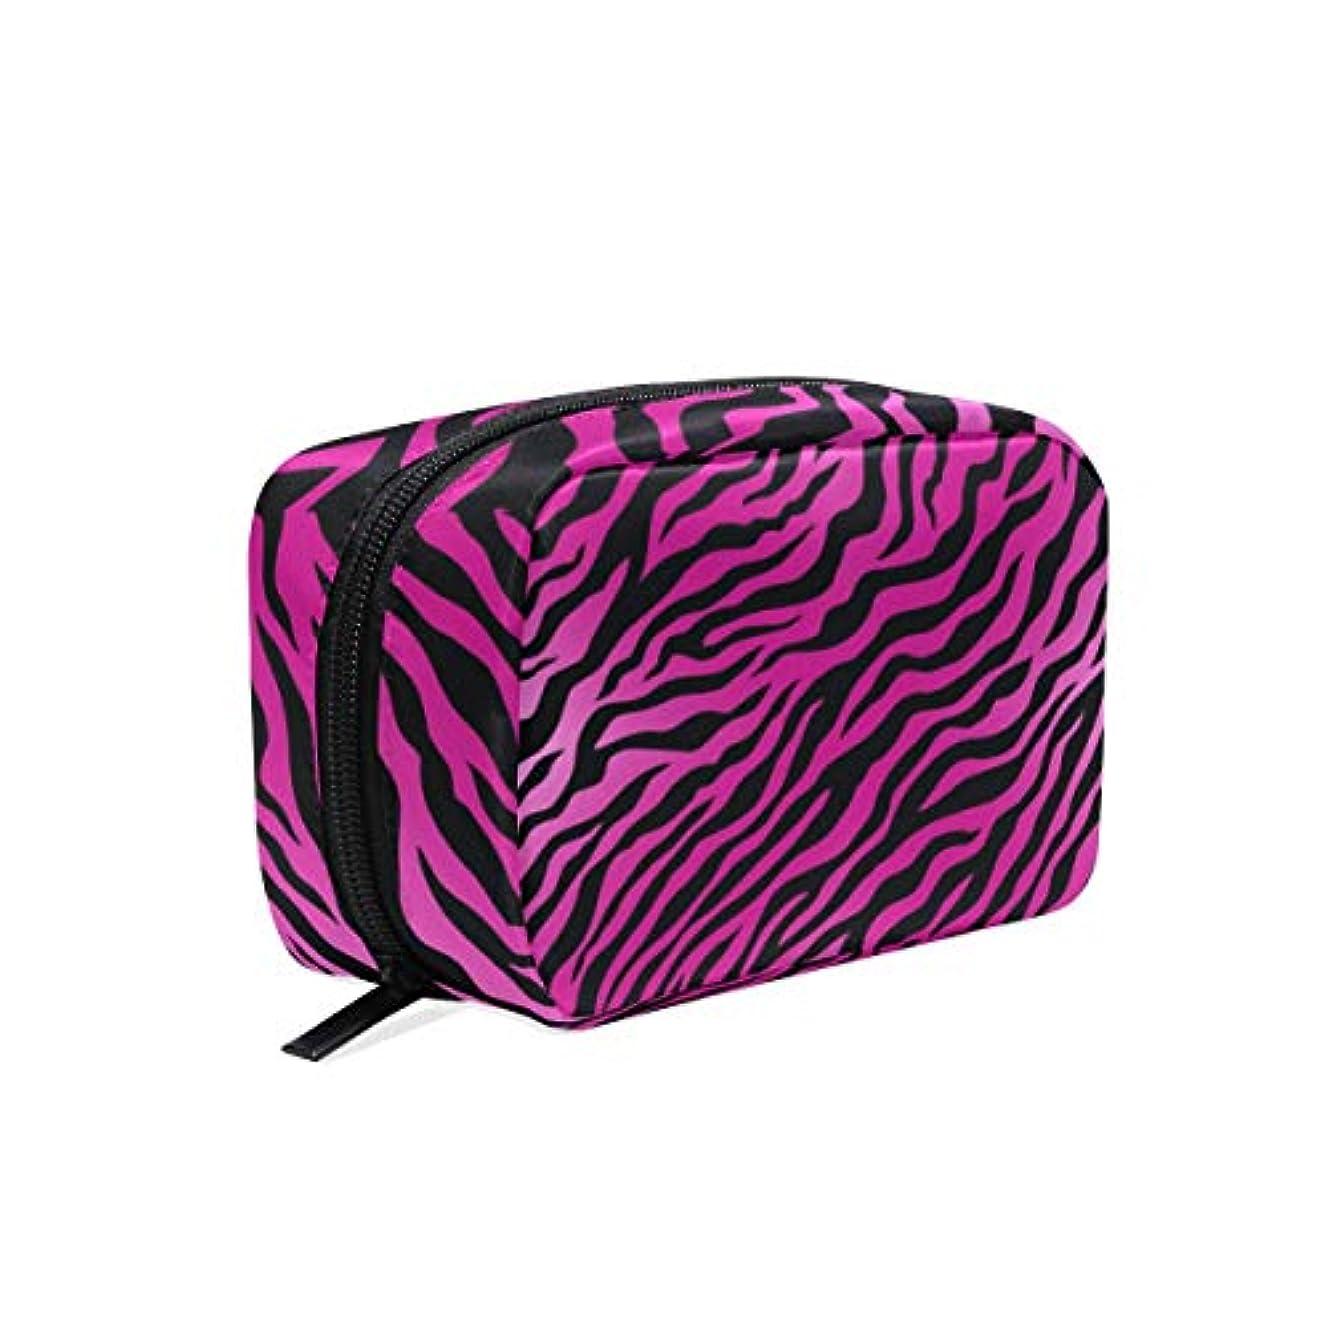 沈黙ポゴスティックジャンプ六月(VAWA) メイクポーチ 大容量 可愛い ピンク ゼブラ柄 化粧ポーチ コンパクト 機能 おしゃれ 携帯用 コスメ収納 仕切り ミニポーチ バニティーケース 洗面道具